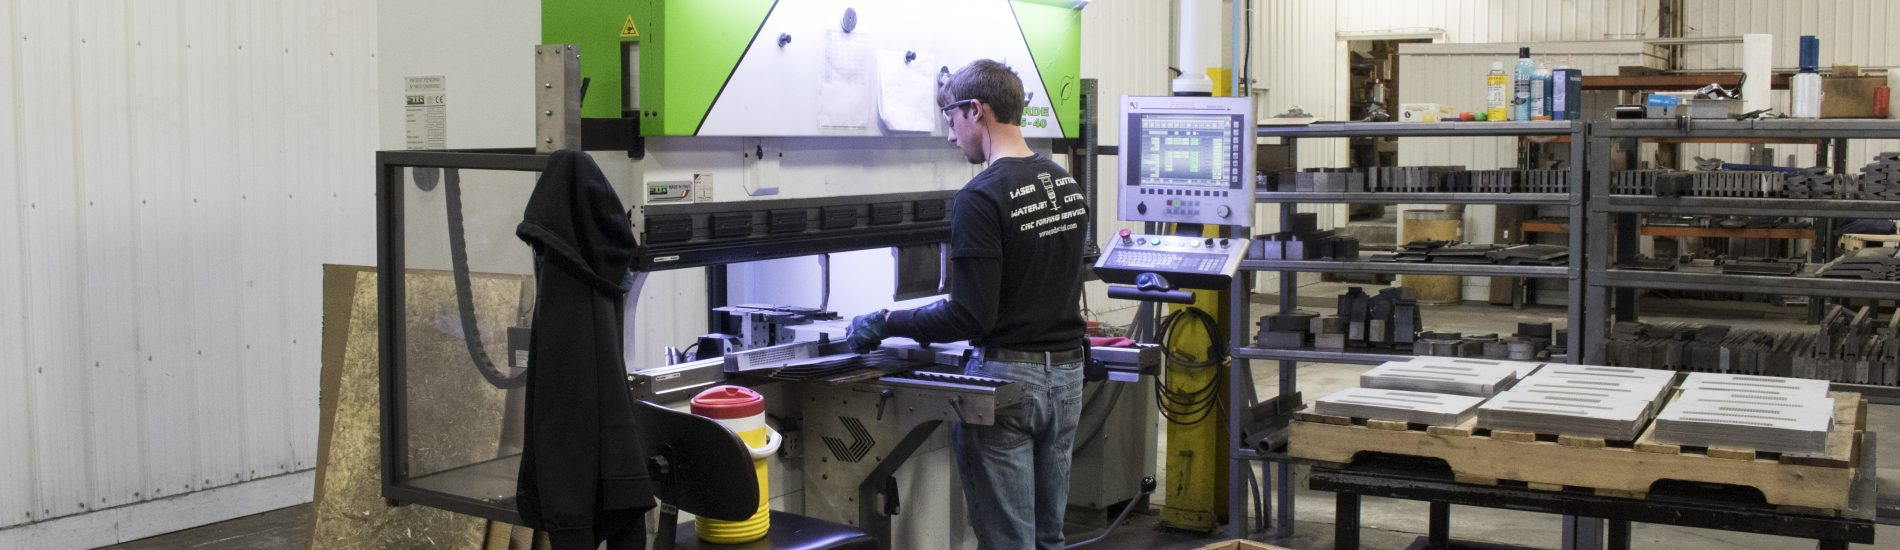 sheet metal forming equipment lancaster pa